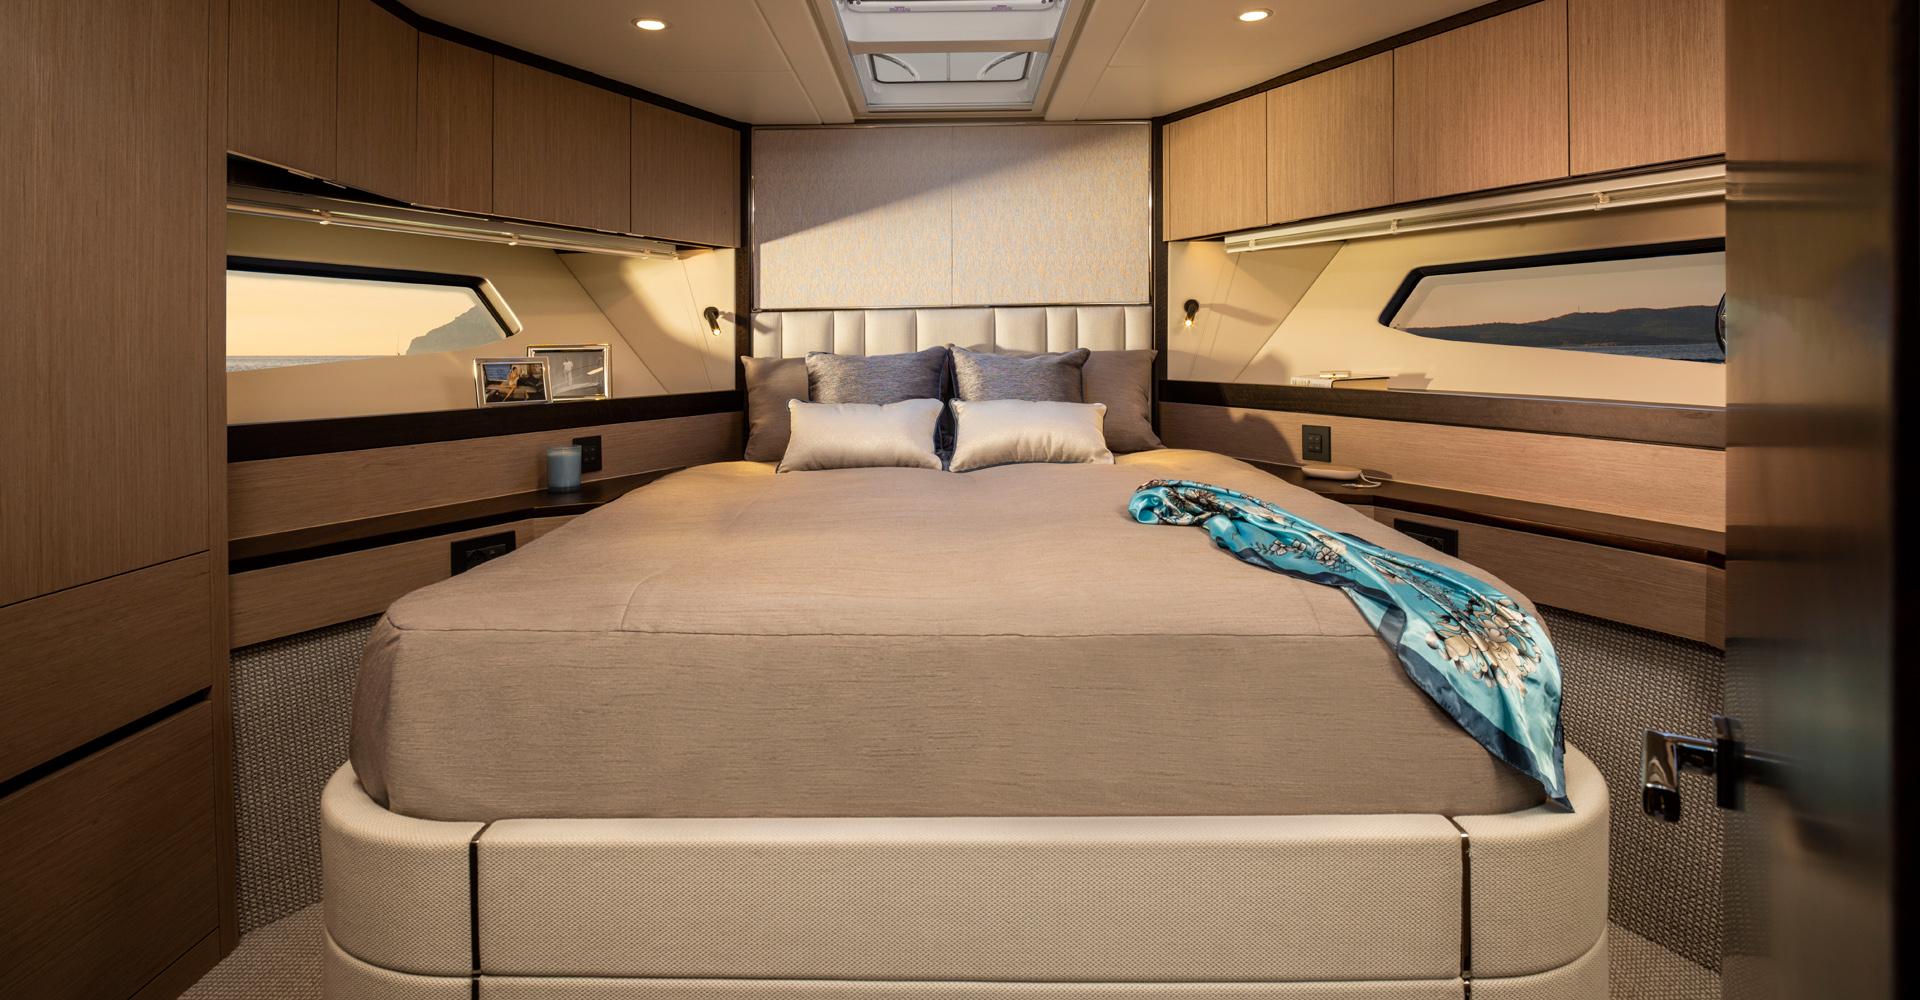 Sunseeker Manhatten 55 yacht